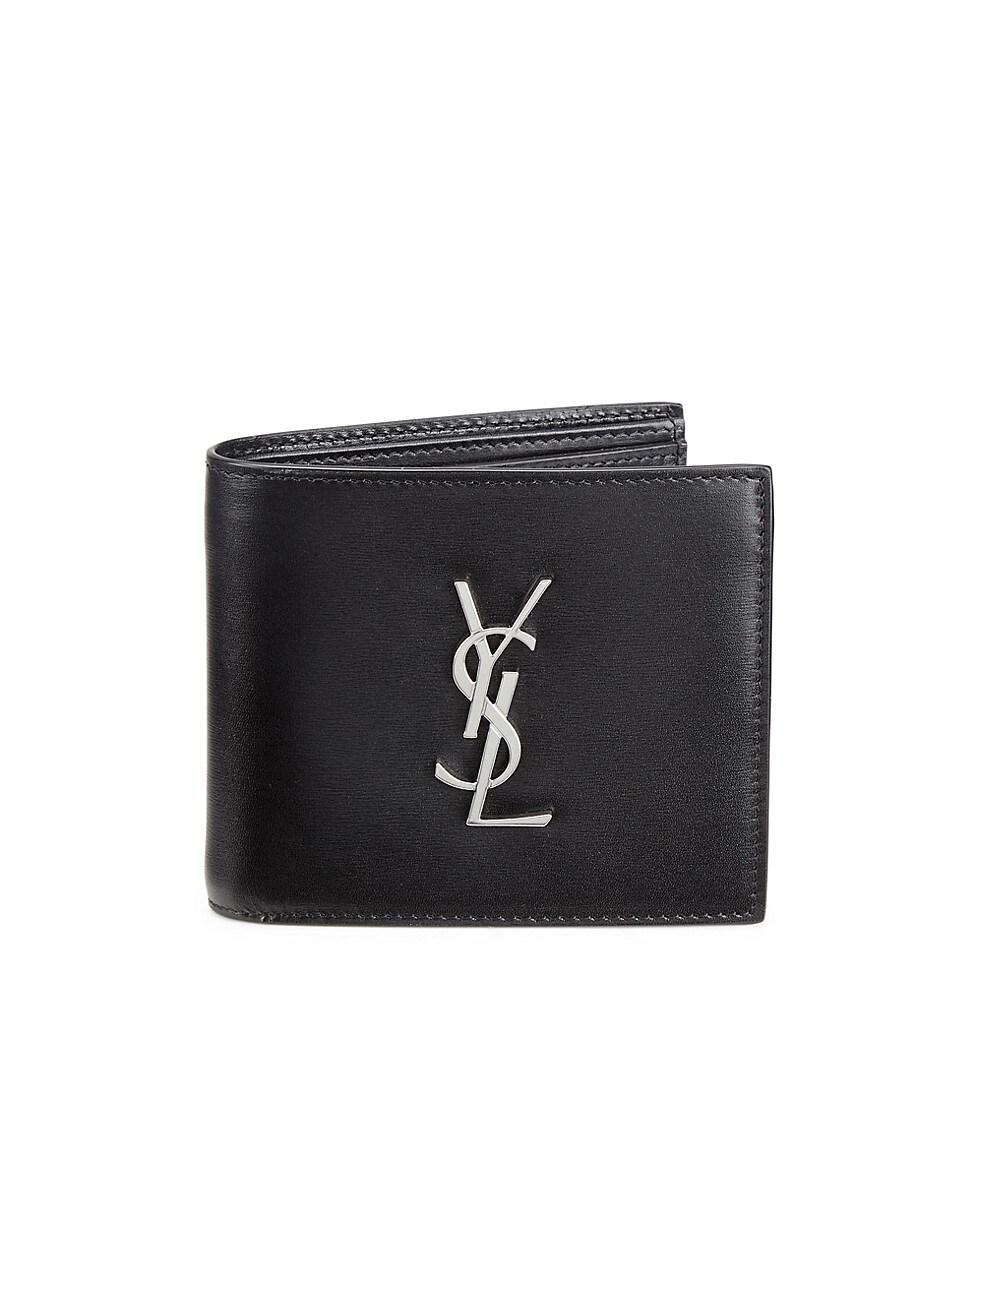 생 로랑 Saint Laurent Leather Credit Card Holder,NERO